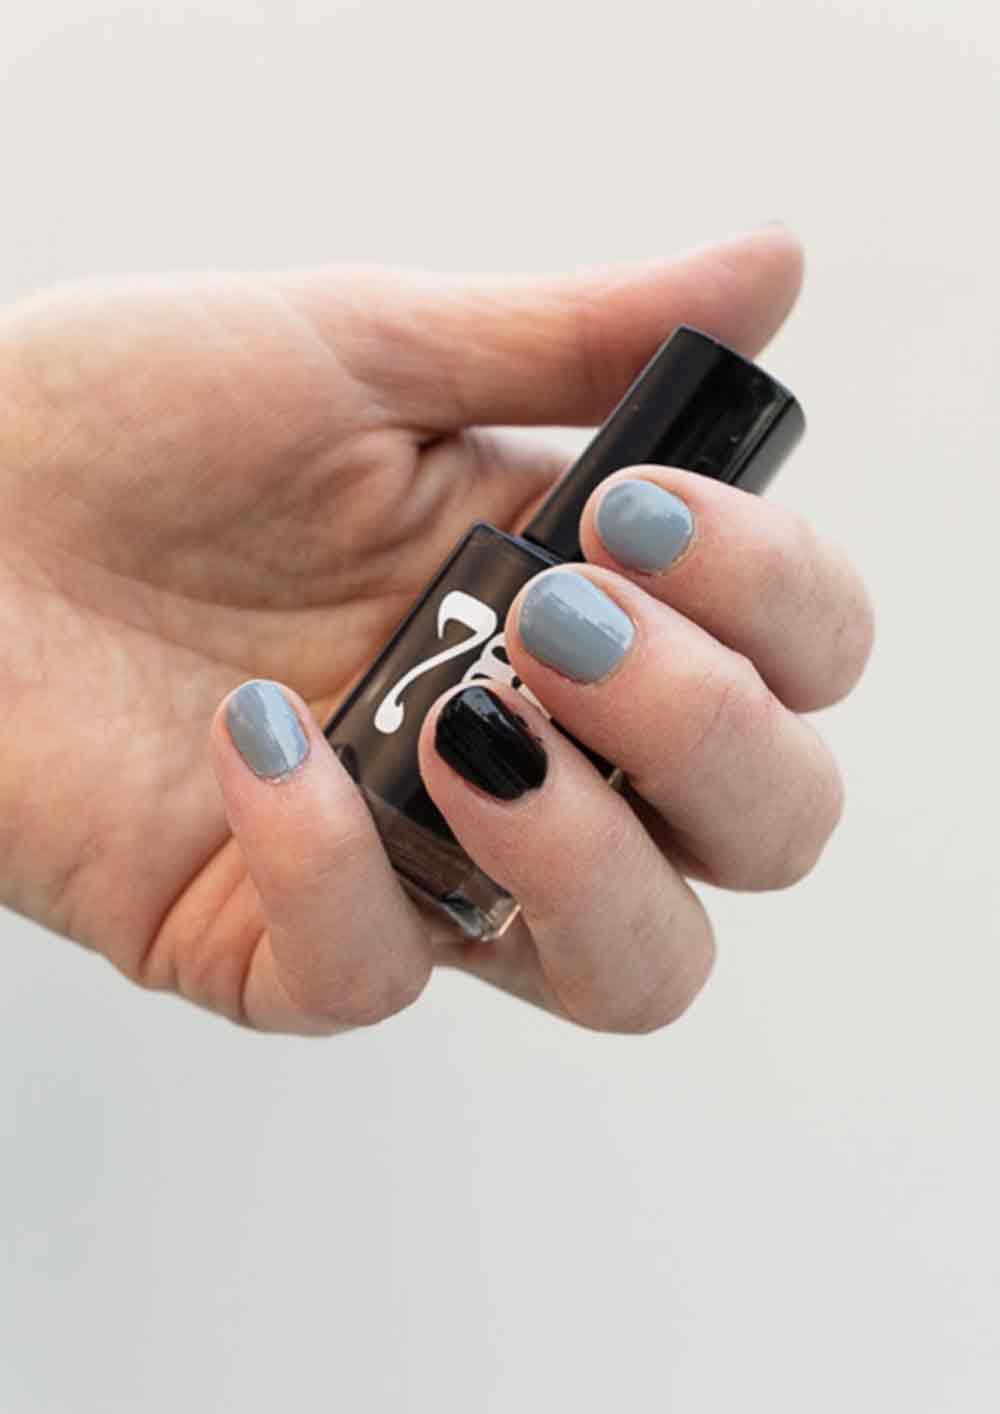 786 Cosmetics vegan nail polish